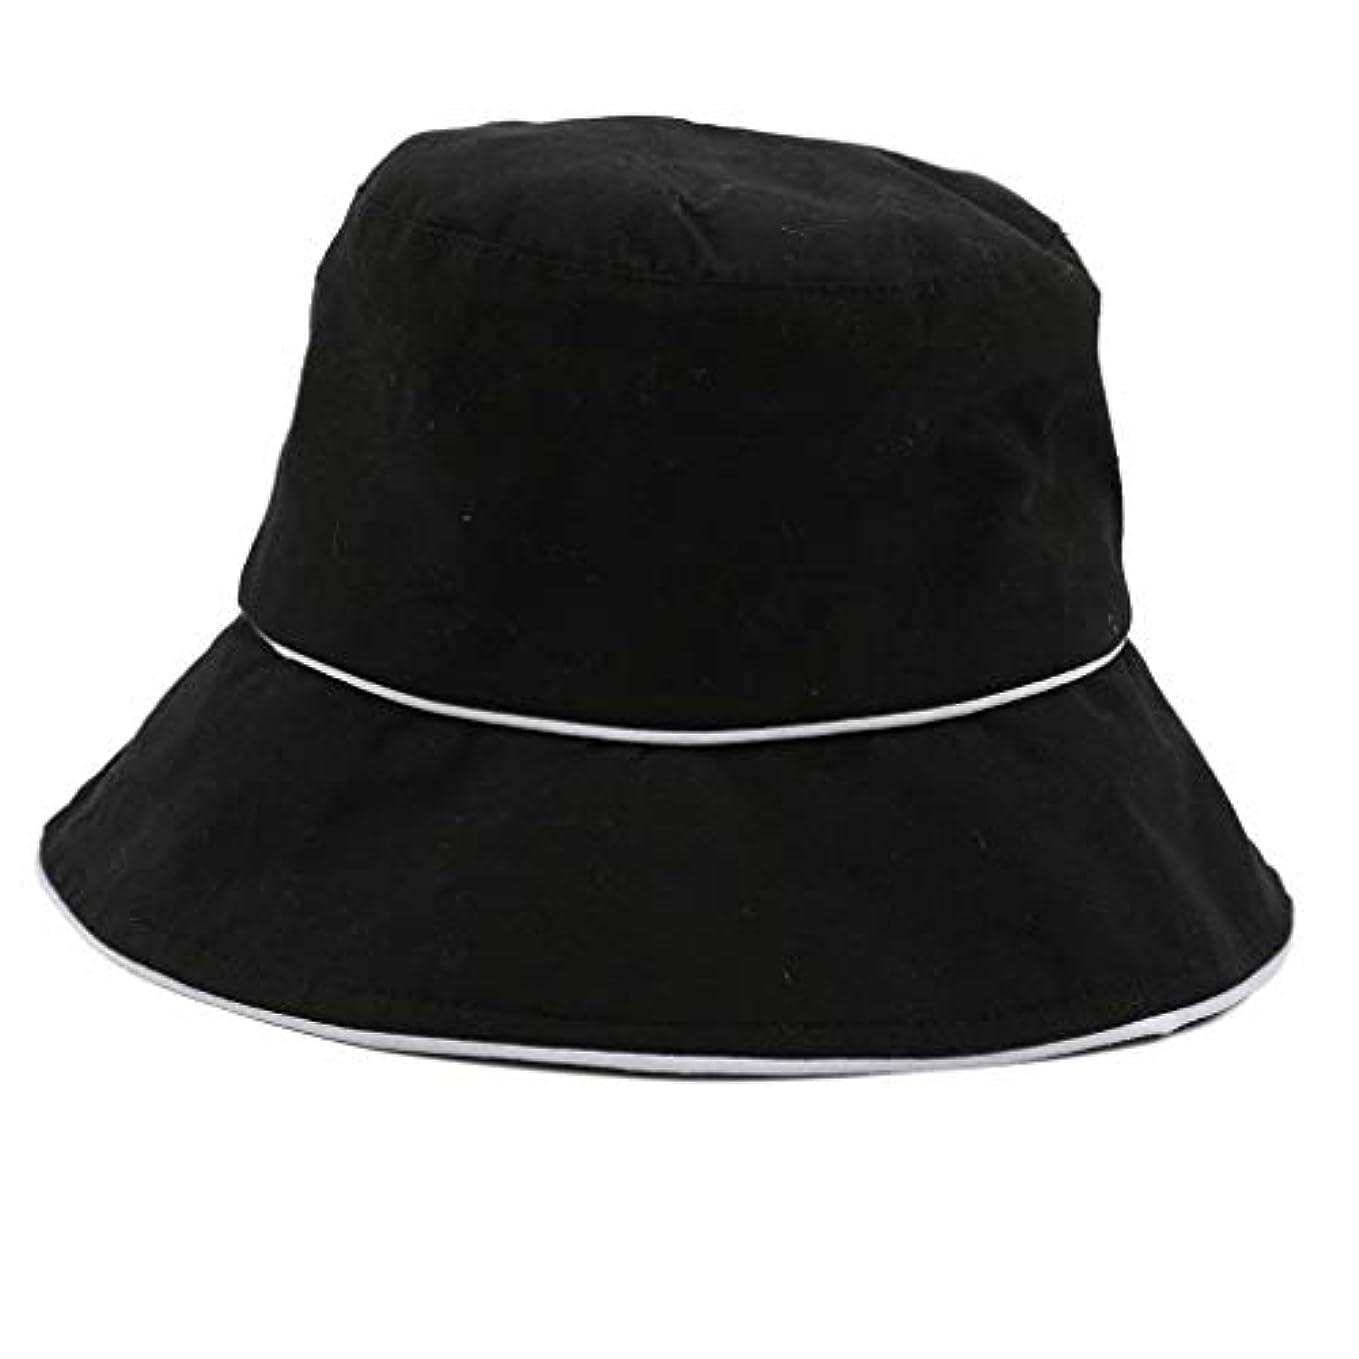 混合した高い裏切りROSE ROMAN - 帽子 レディース uv 漁師の帽子 99%uvカット 小顔効果抜群 帽子 サイズ調整 テープ キャップ 黒 漁師帽 おしゃれ 可愛い ハット 折りたたみ 紫外線対策 ファッション ワイルド カジュアル...